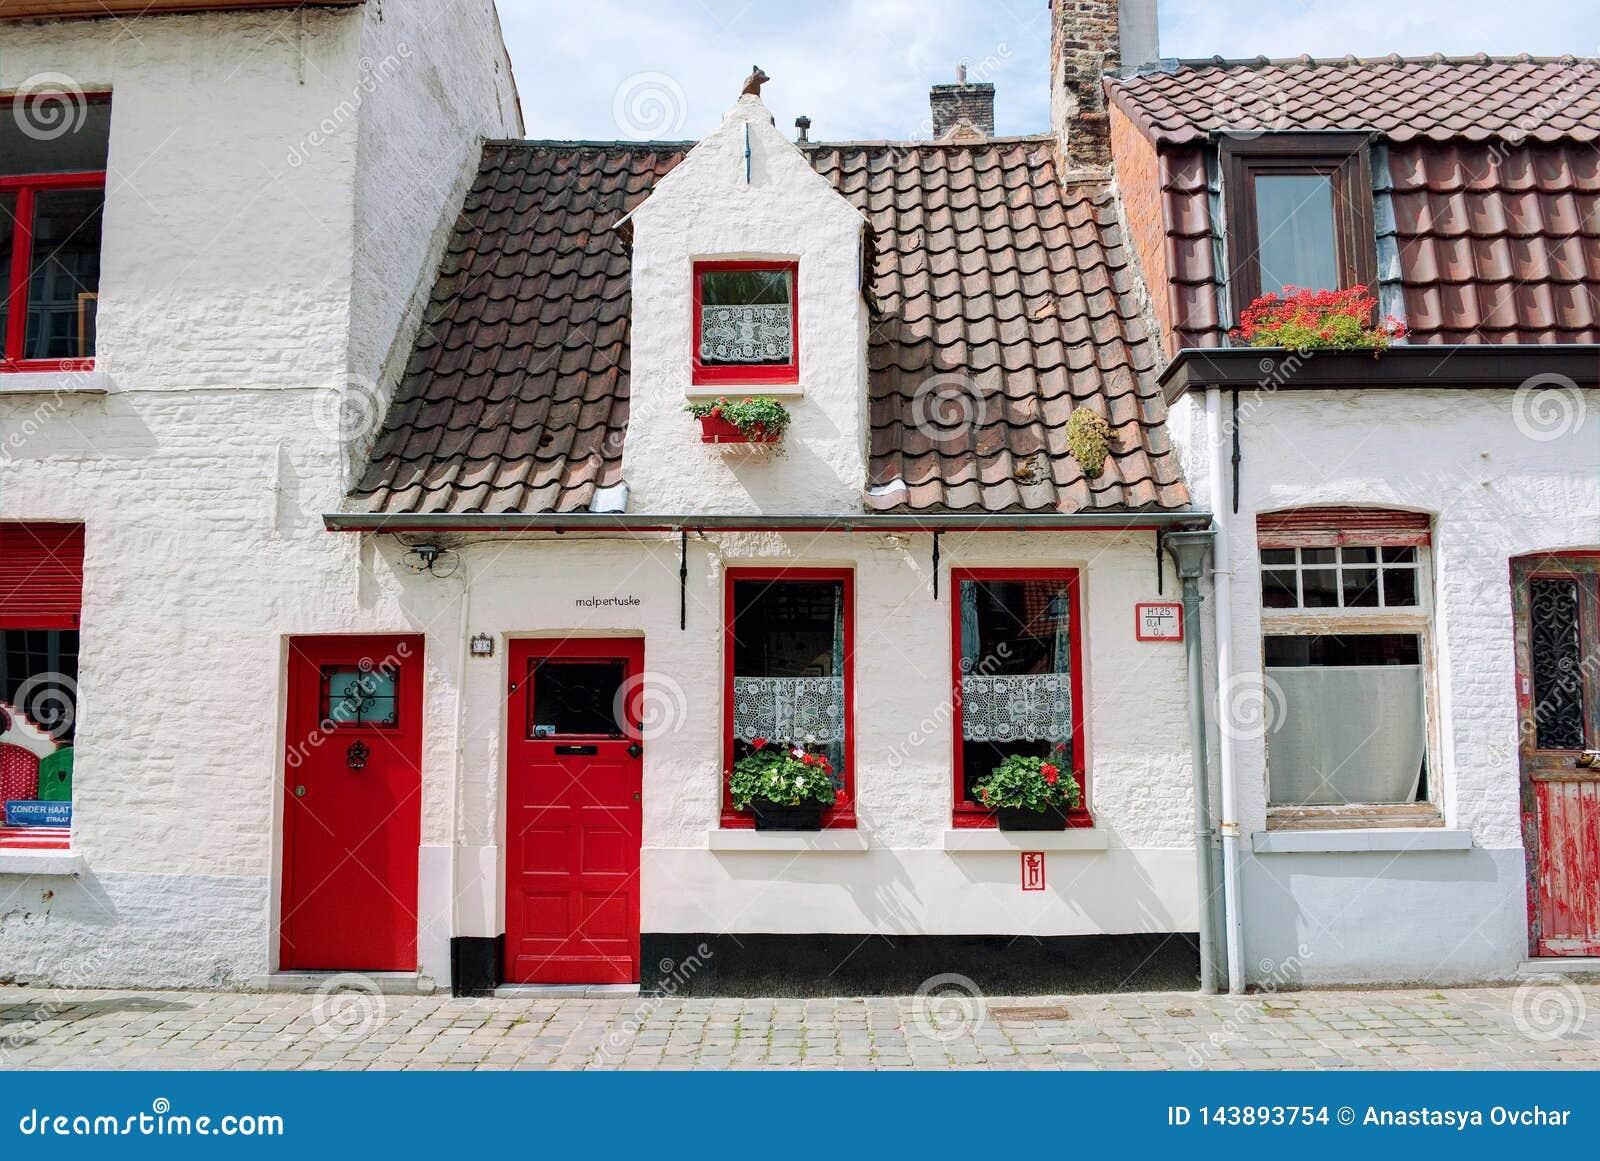 Bruges Belgien - Augusti 2010: Små pittoreska vita hus med röda dörrar, röda fönsterramar, röda blommor och röda taktegelplattor